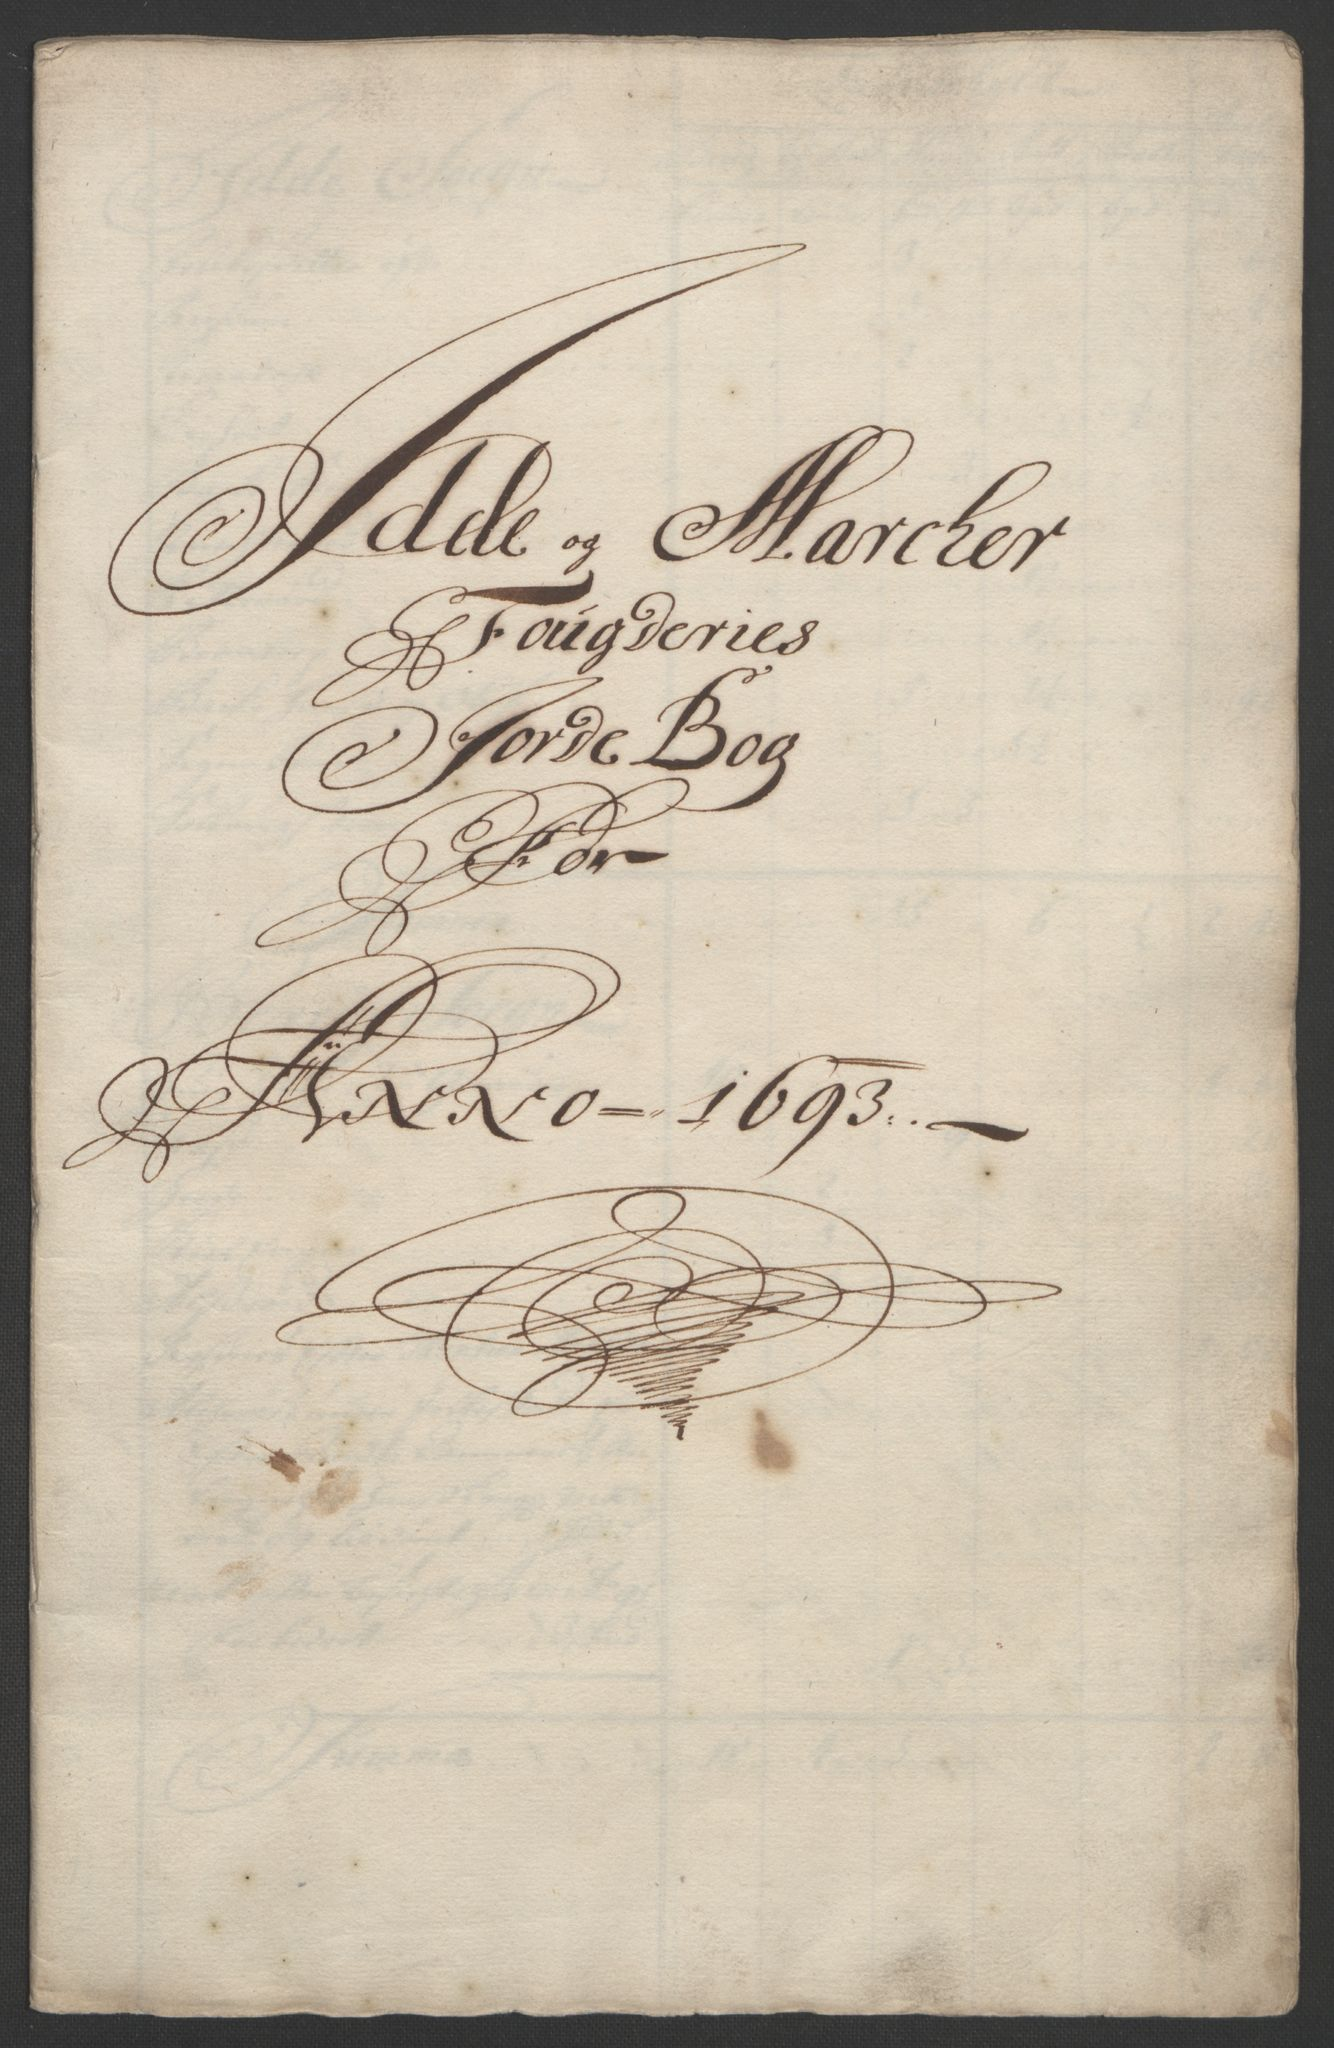 RA, Rentekammeret inntil 1814, Reviderte regnskaper, Fogderegnskap, R01/L0011: Fogderegnskap Idd og Marker, 1692-1693, s. 211